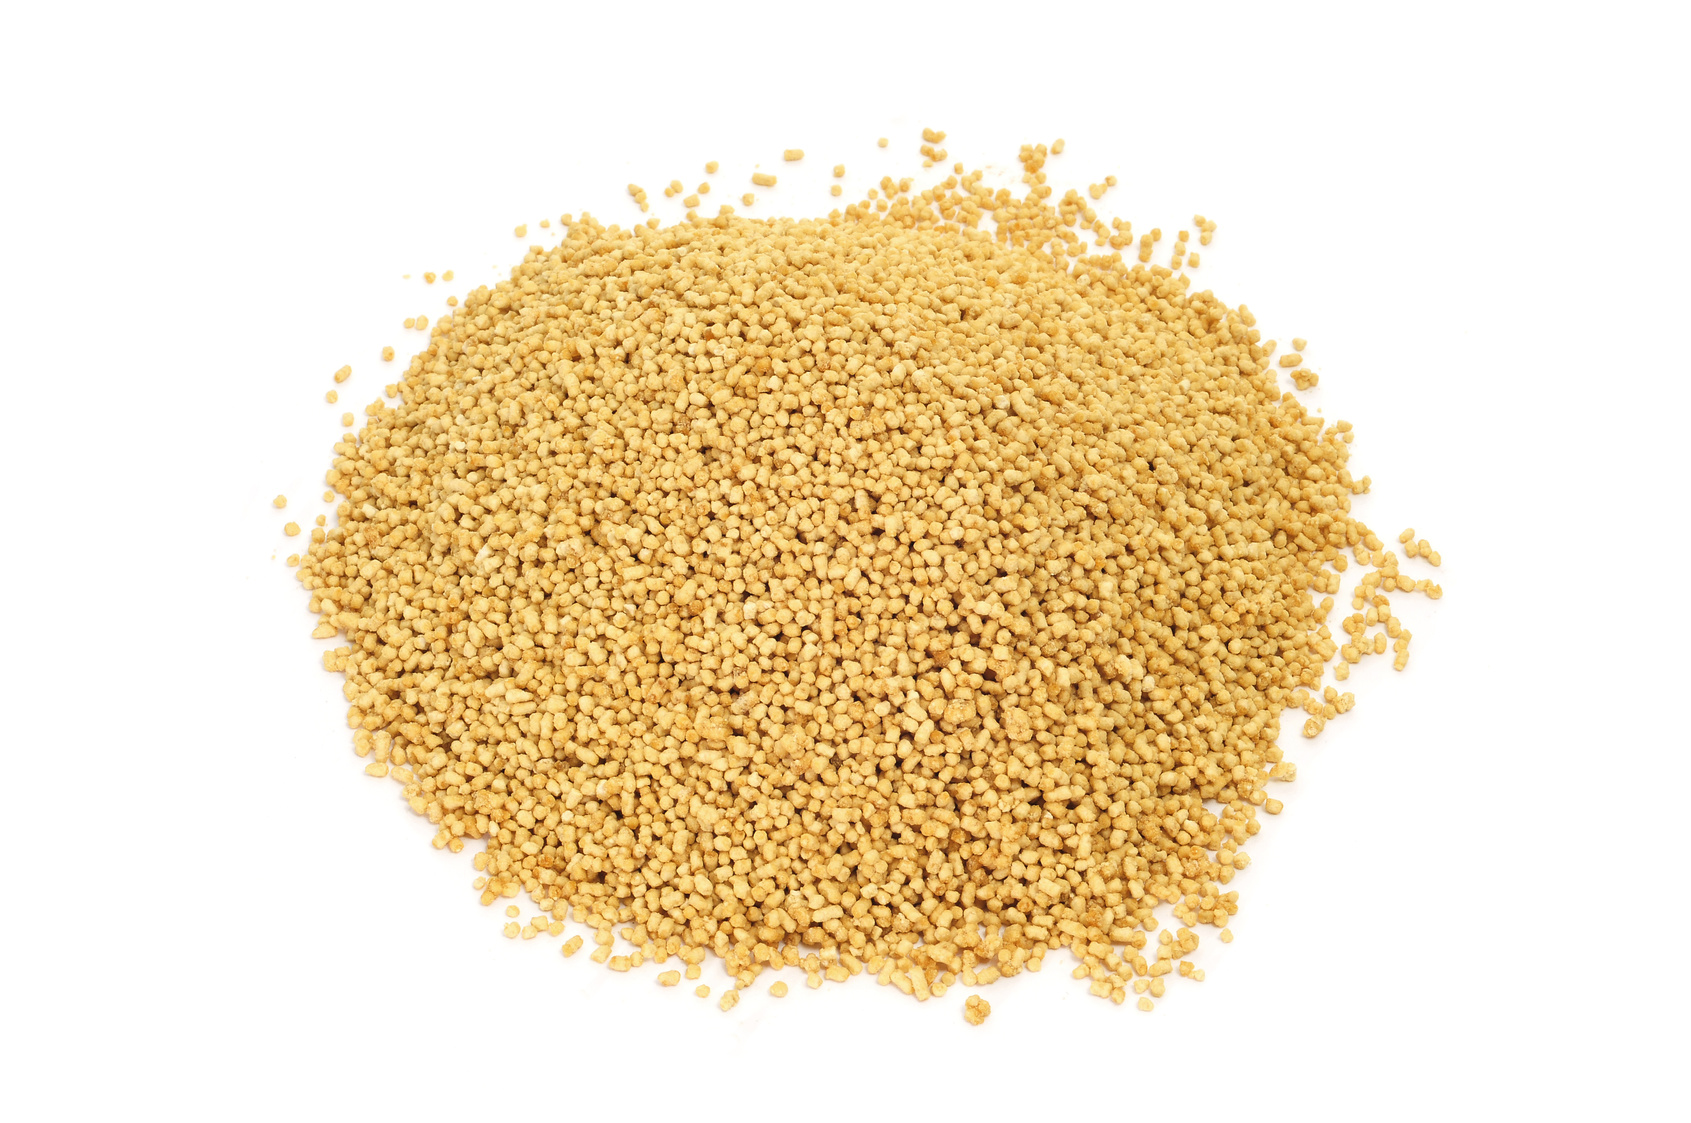 Dried Mustard powder, wasabi powder